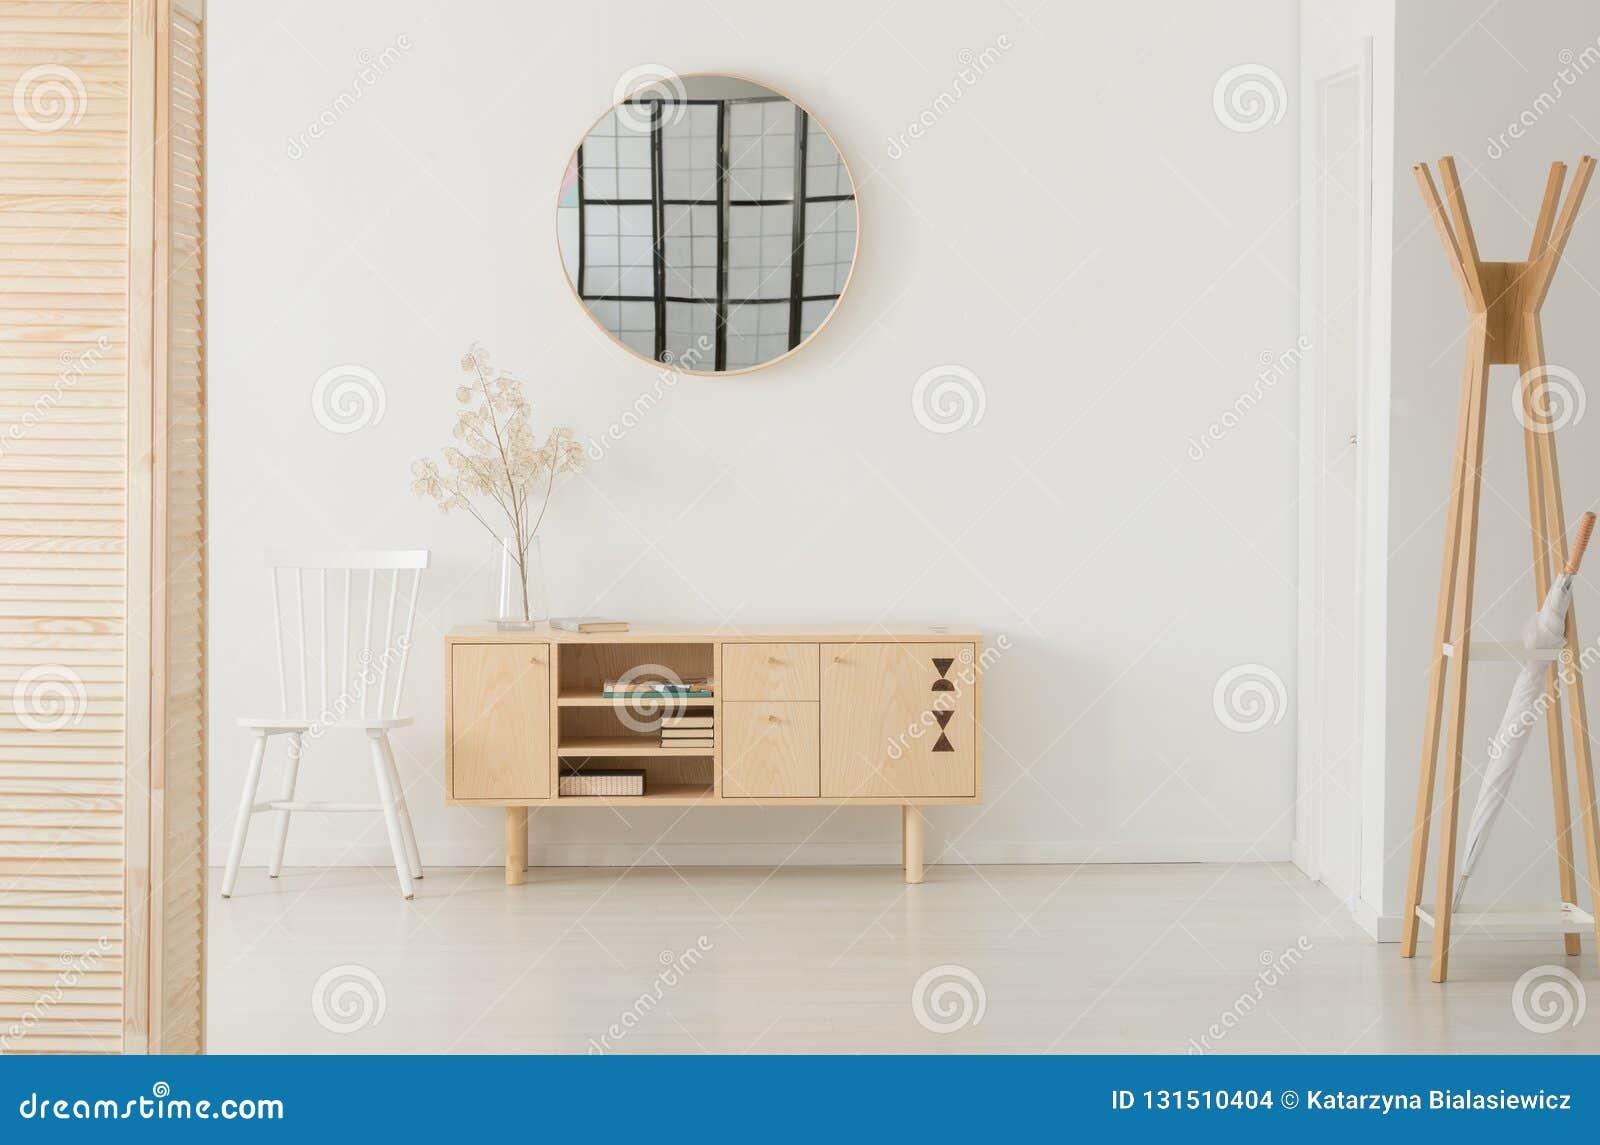 Rund spegel ovanför träkabinettet, verkligt foto med kopieringsutrymme